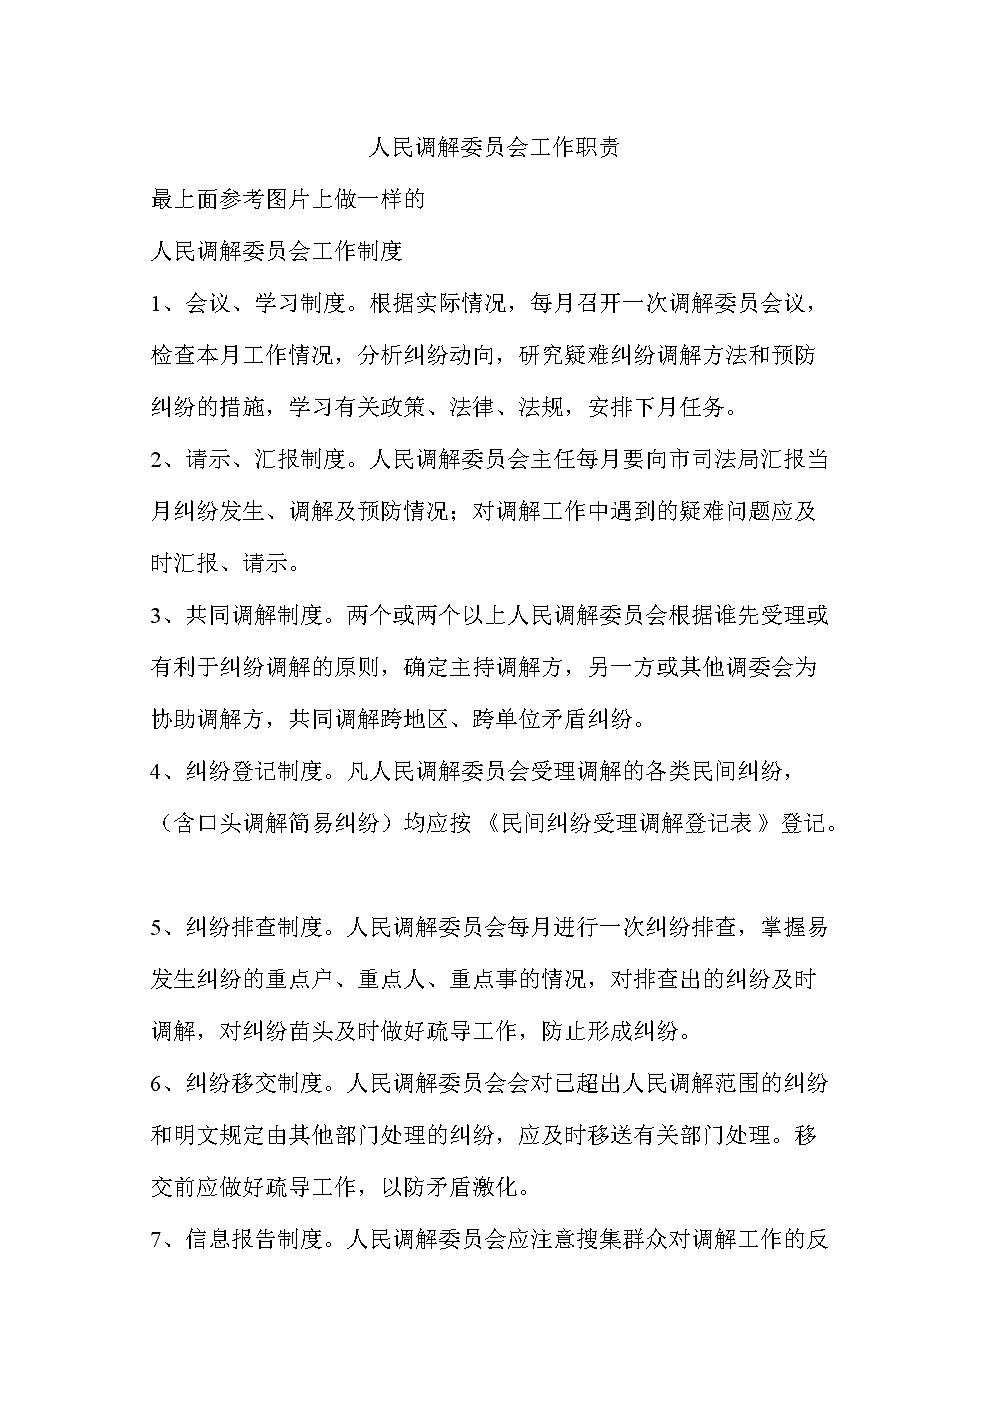 人民调解委员会工作职责.doc